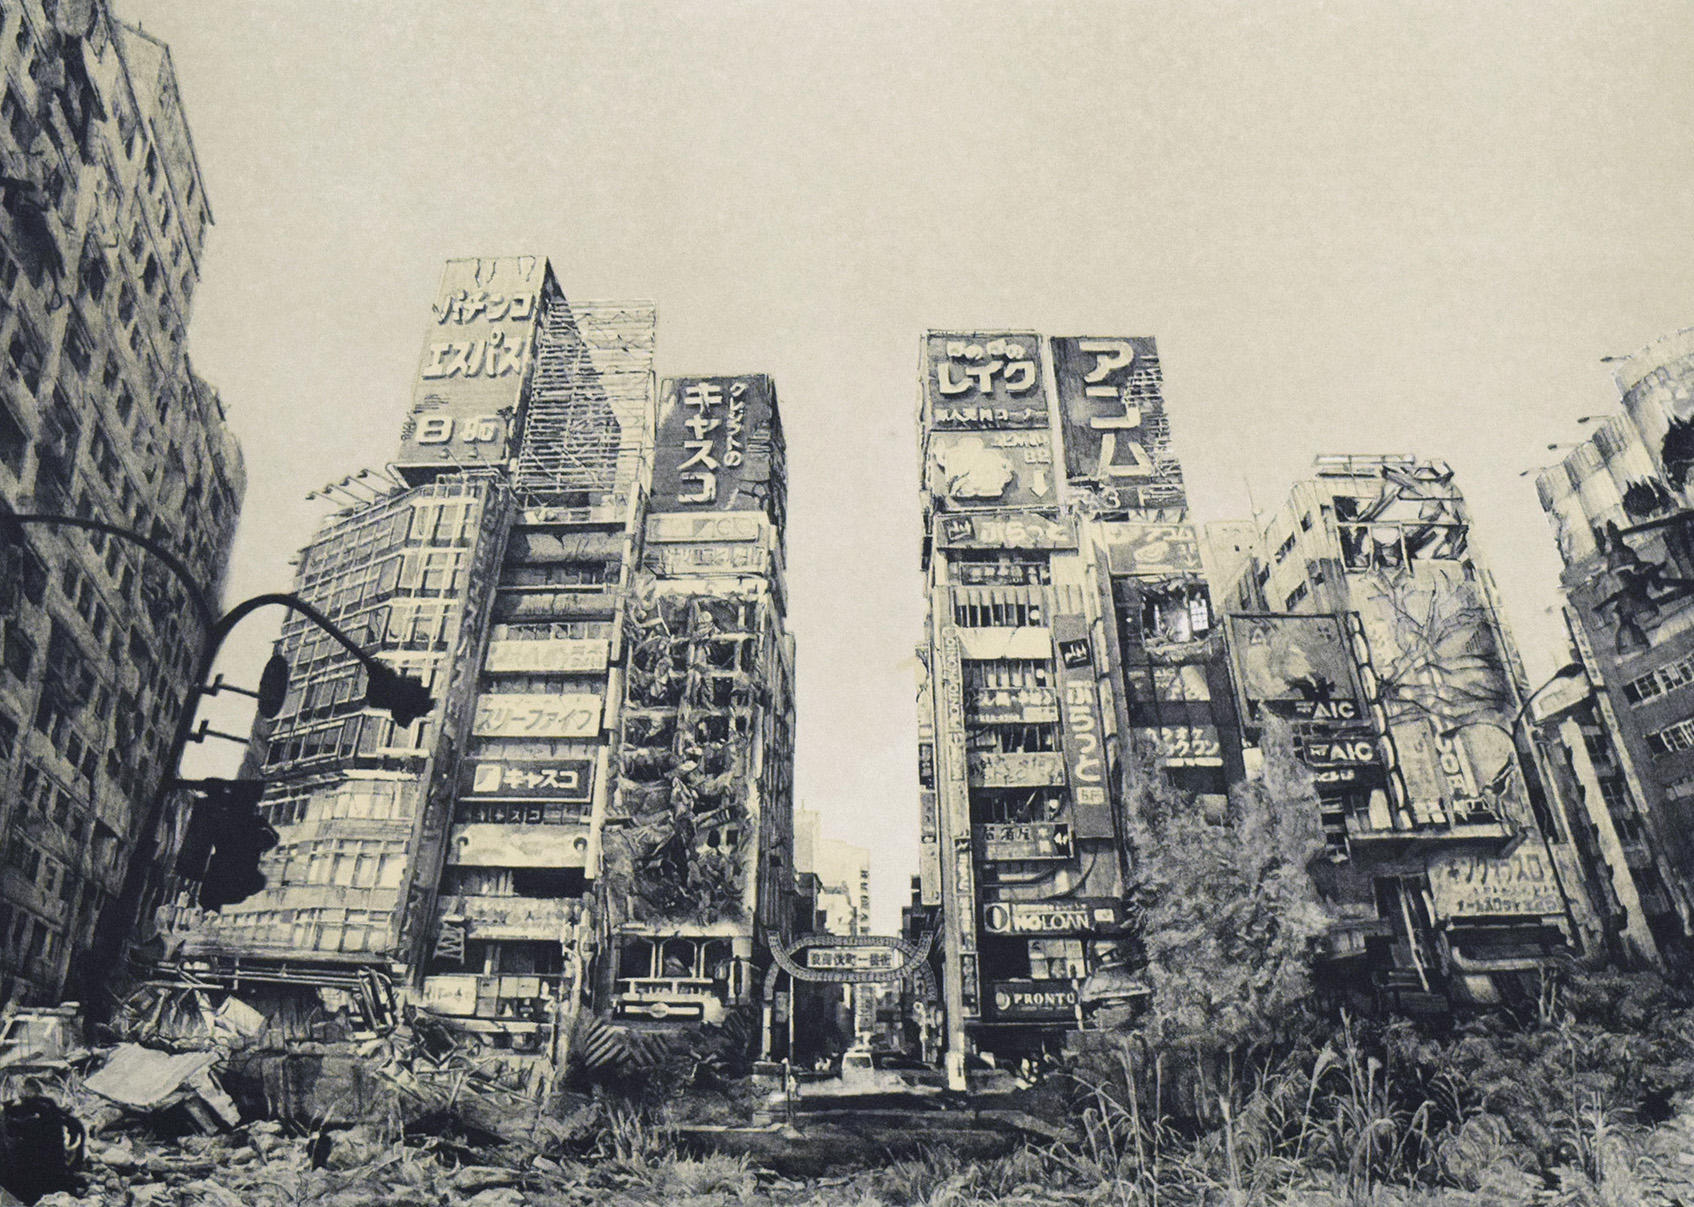 元田久治、大岩オスカール @ 松濤美術館、渋谷